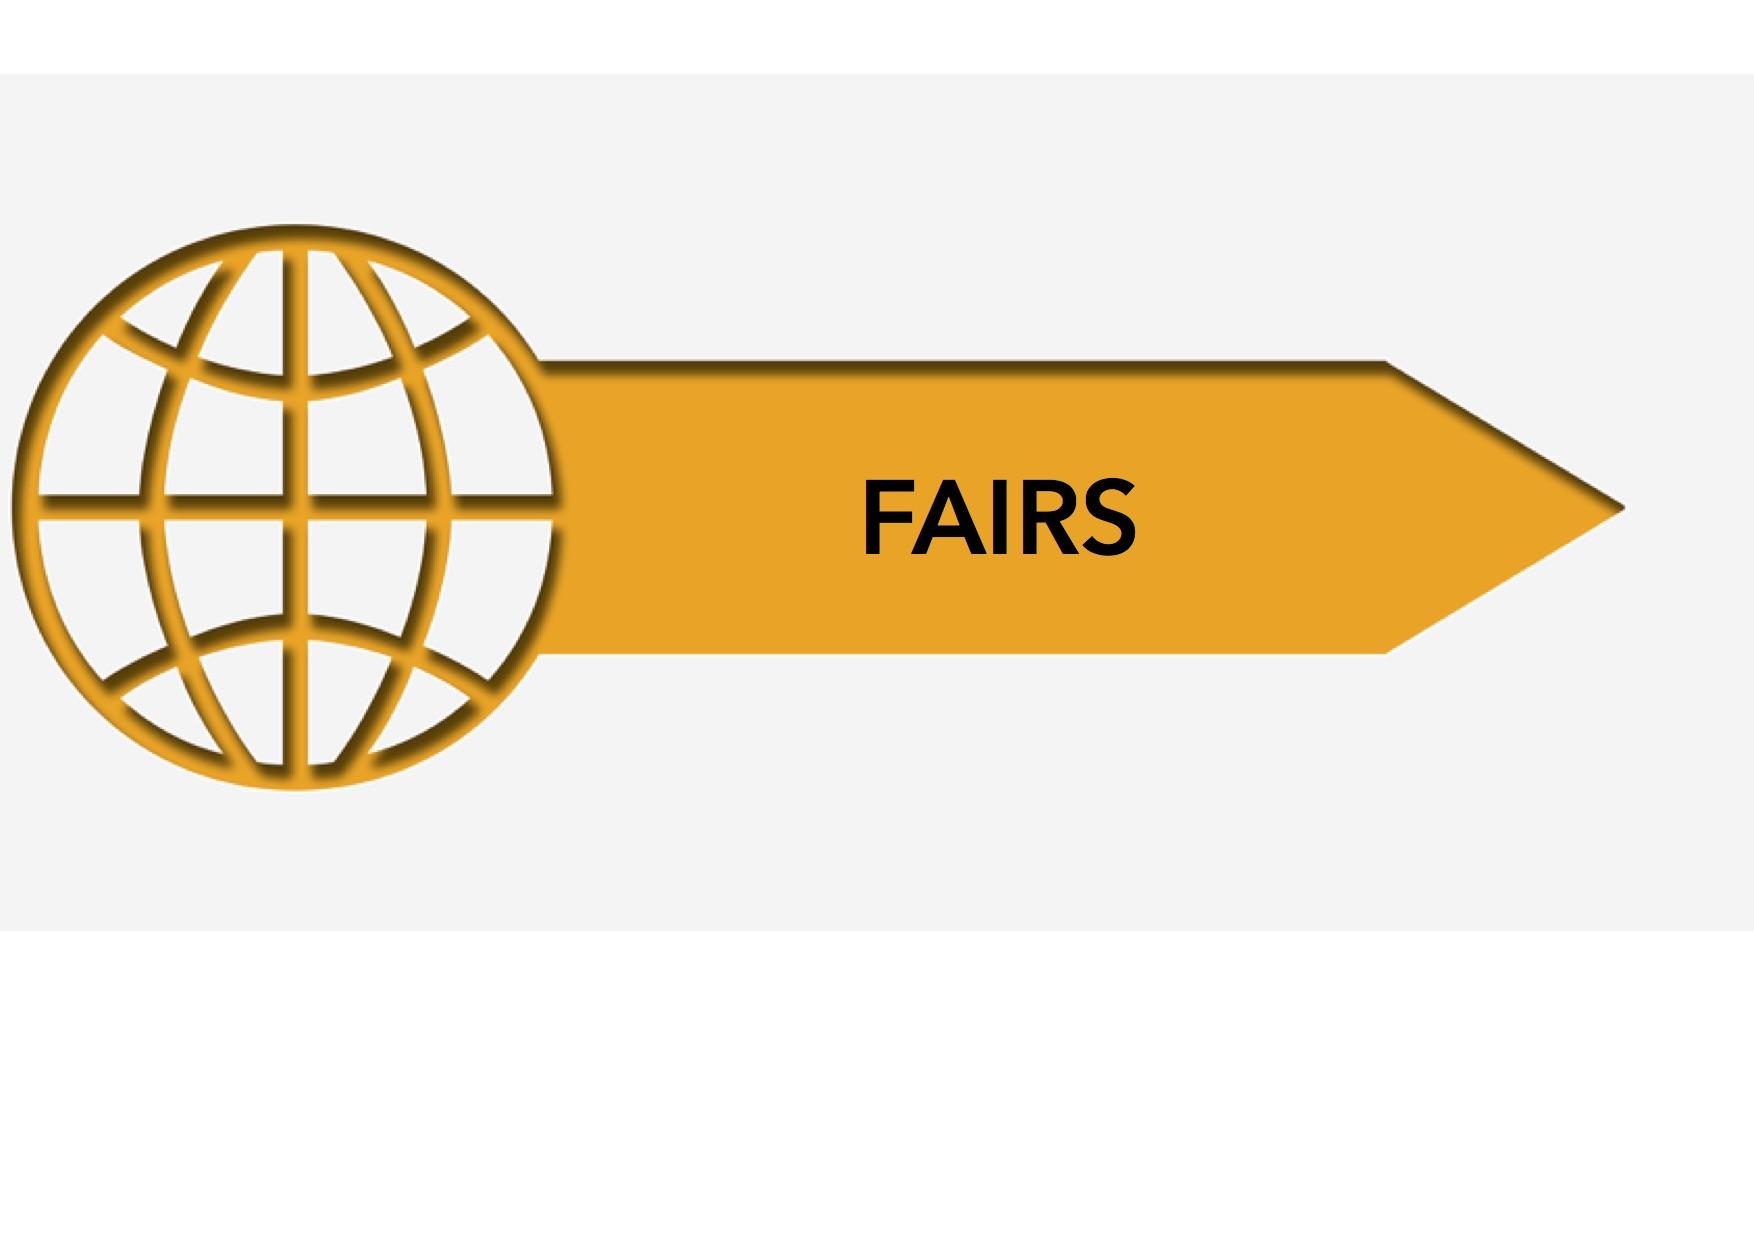 fairs-2